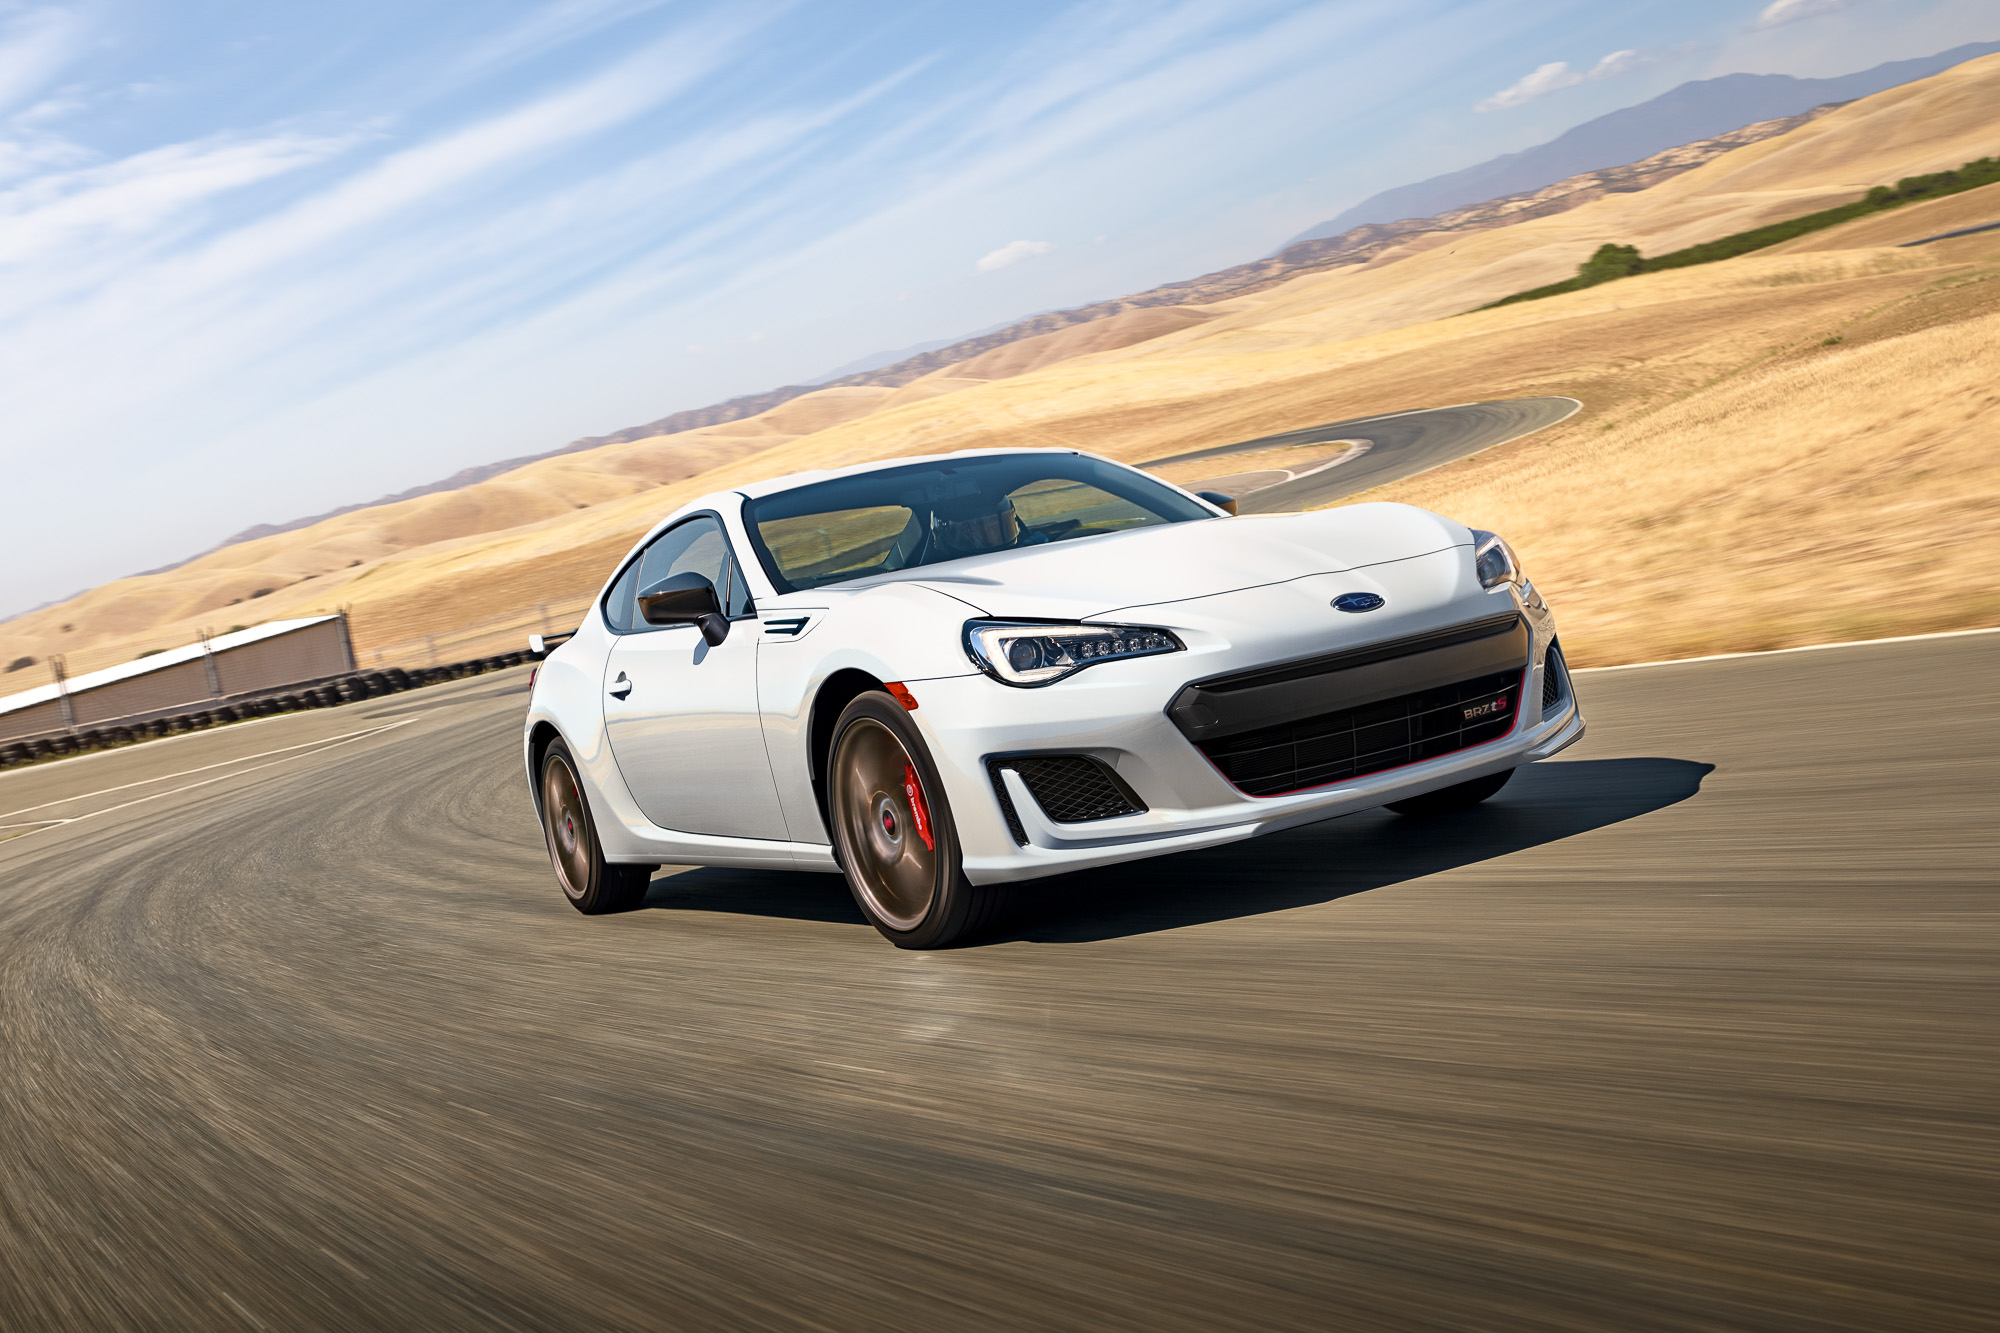 Brz Vs Wrx >> 2020 Subaru Brz Gets Spendier To Start Wrx And Wrx Sti